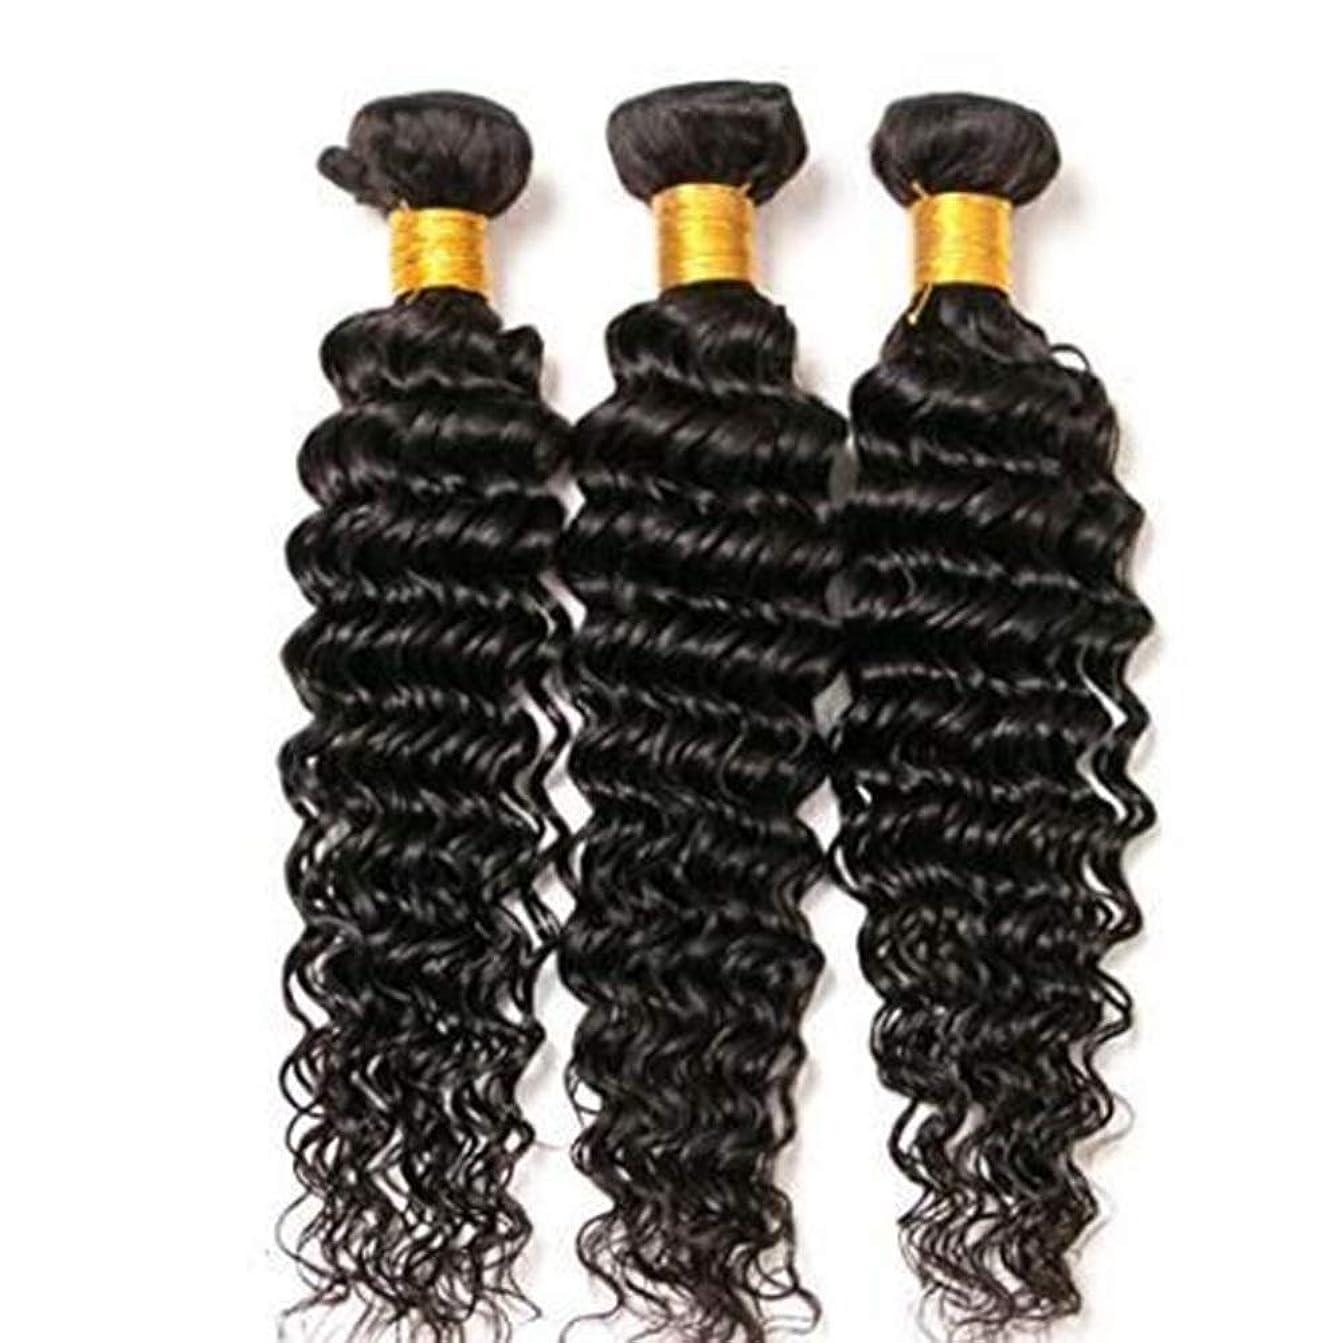 起きる取り付け余暇BOBIDYEE 女性のためのブラジルのディープウェーブヘアバンドル100%未処理の人間の毛髪延長ナチュラルルッキング(8